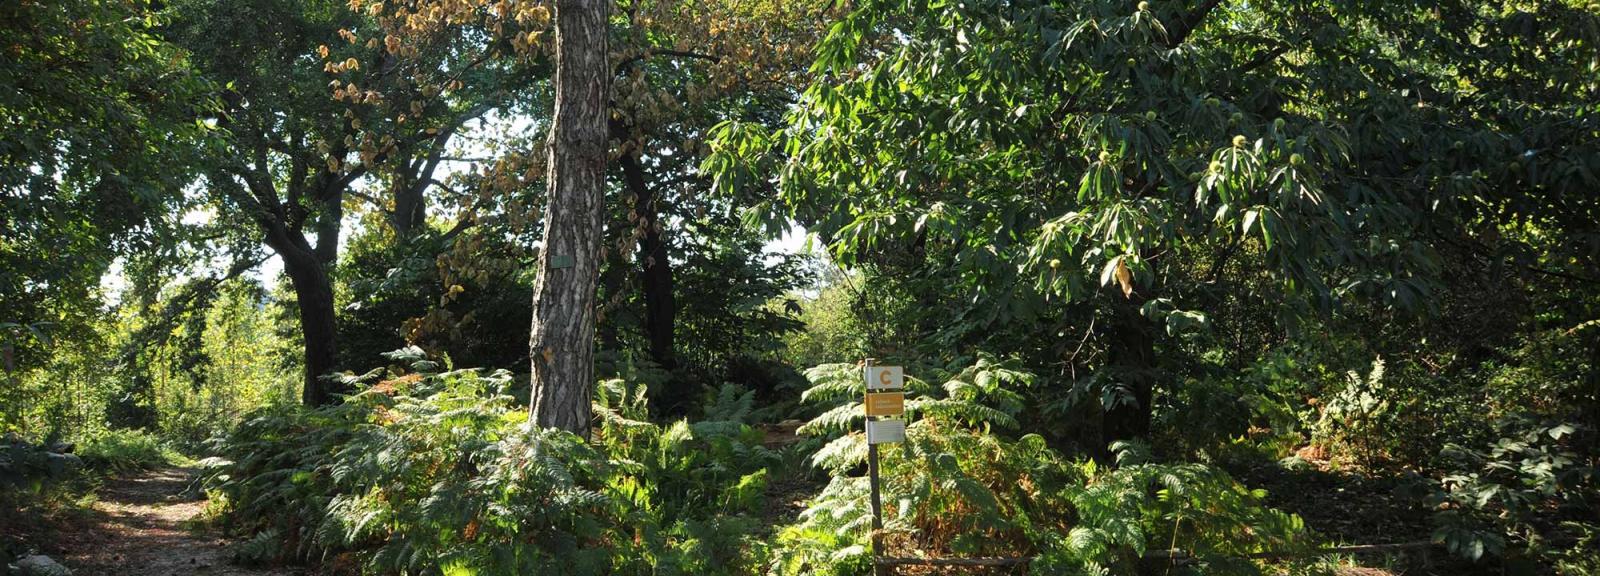 Jardin des plantes - Jardin écologique © MNHN - F.-G. Grandin